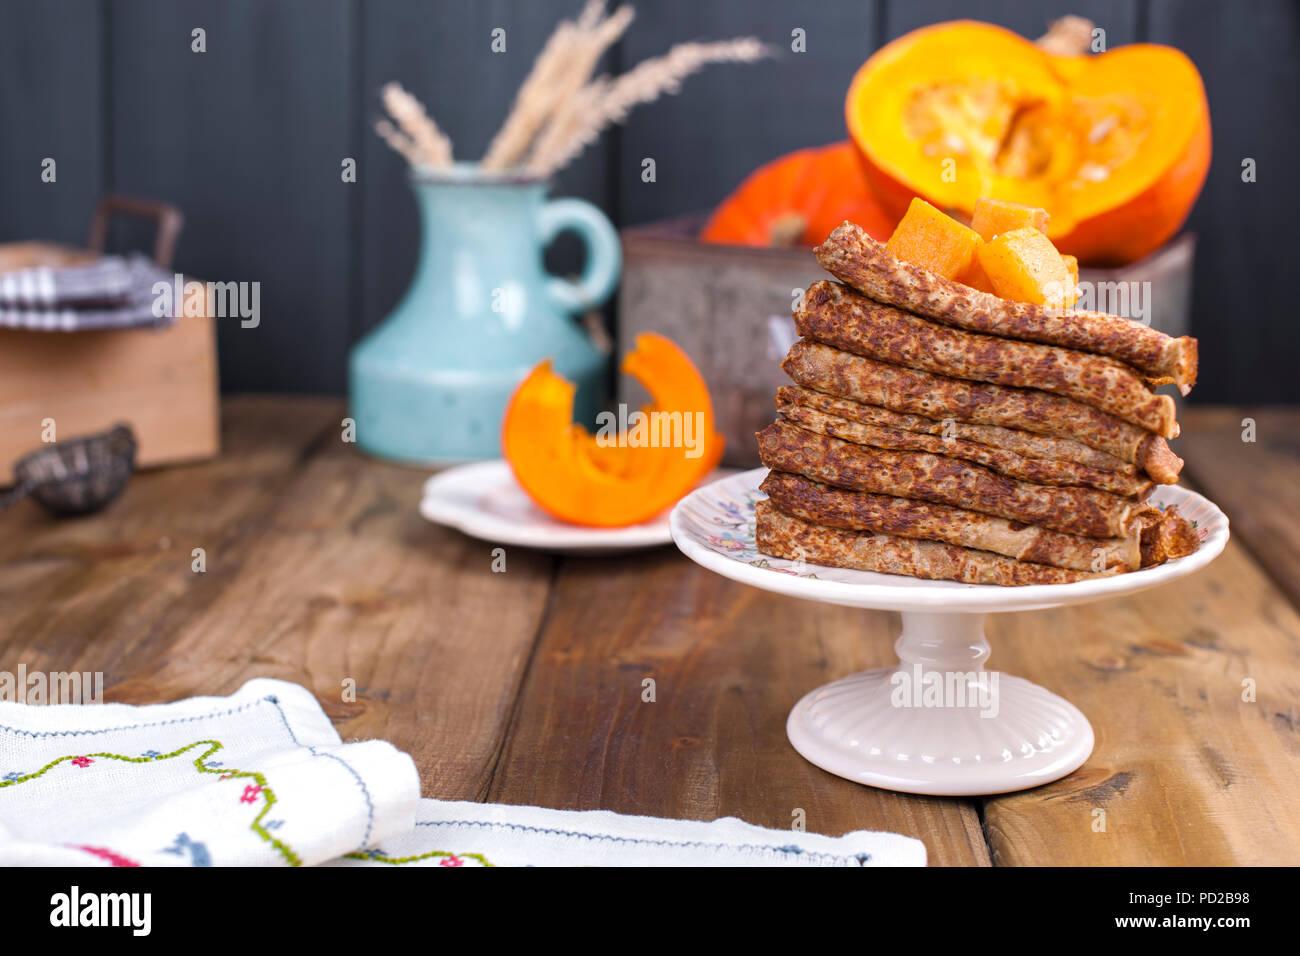 Leckere hausgemachte Pfannkuchen zum Frühstück, mit Kürbis und Honig. Frühstück für die ganze Familie. Rustikale Foto. Platz kopieren Stockbild